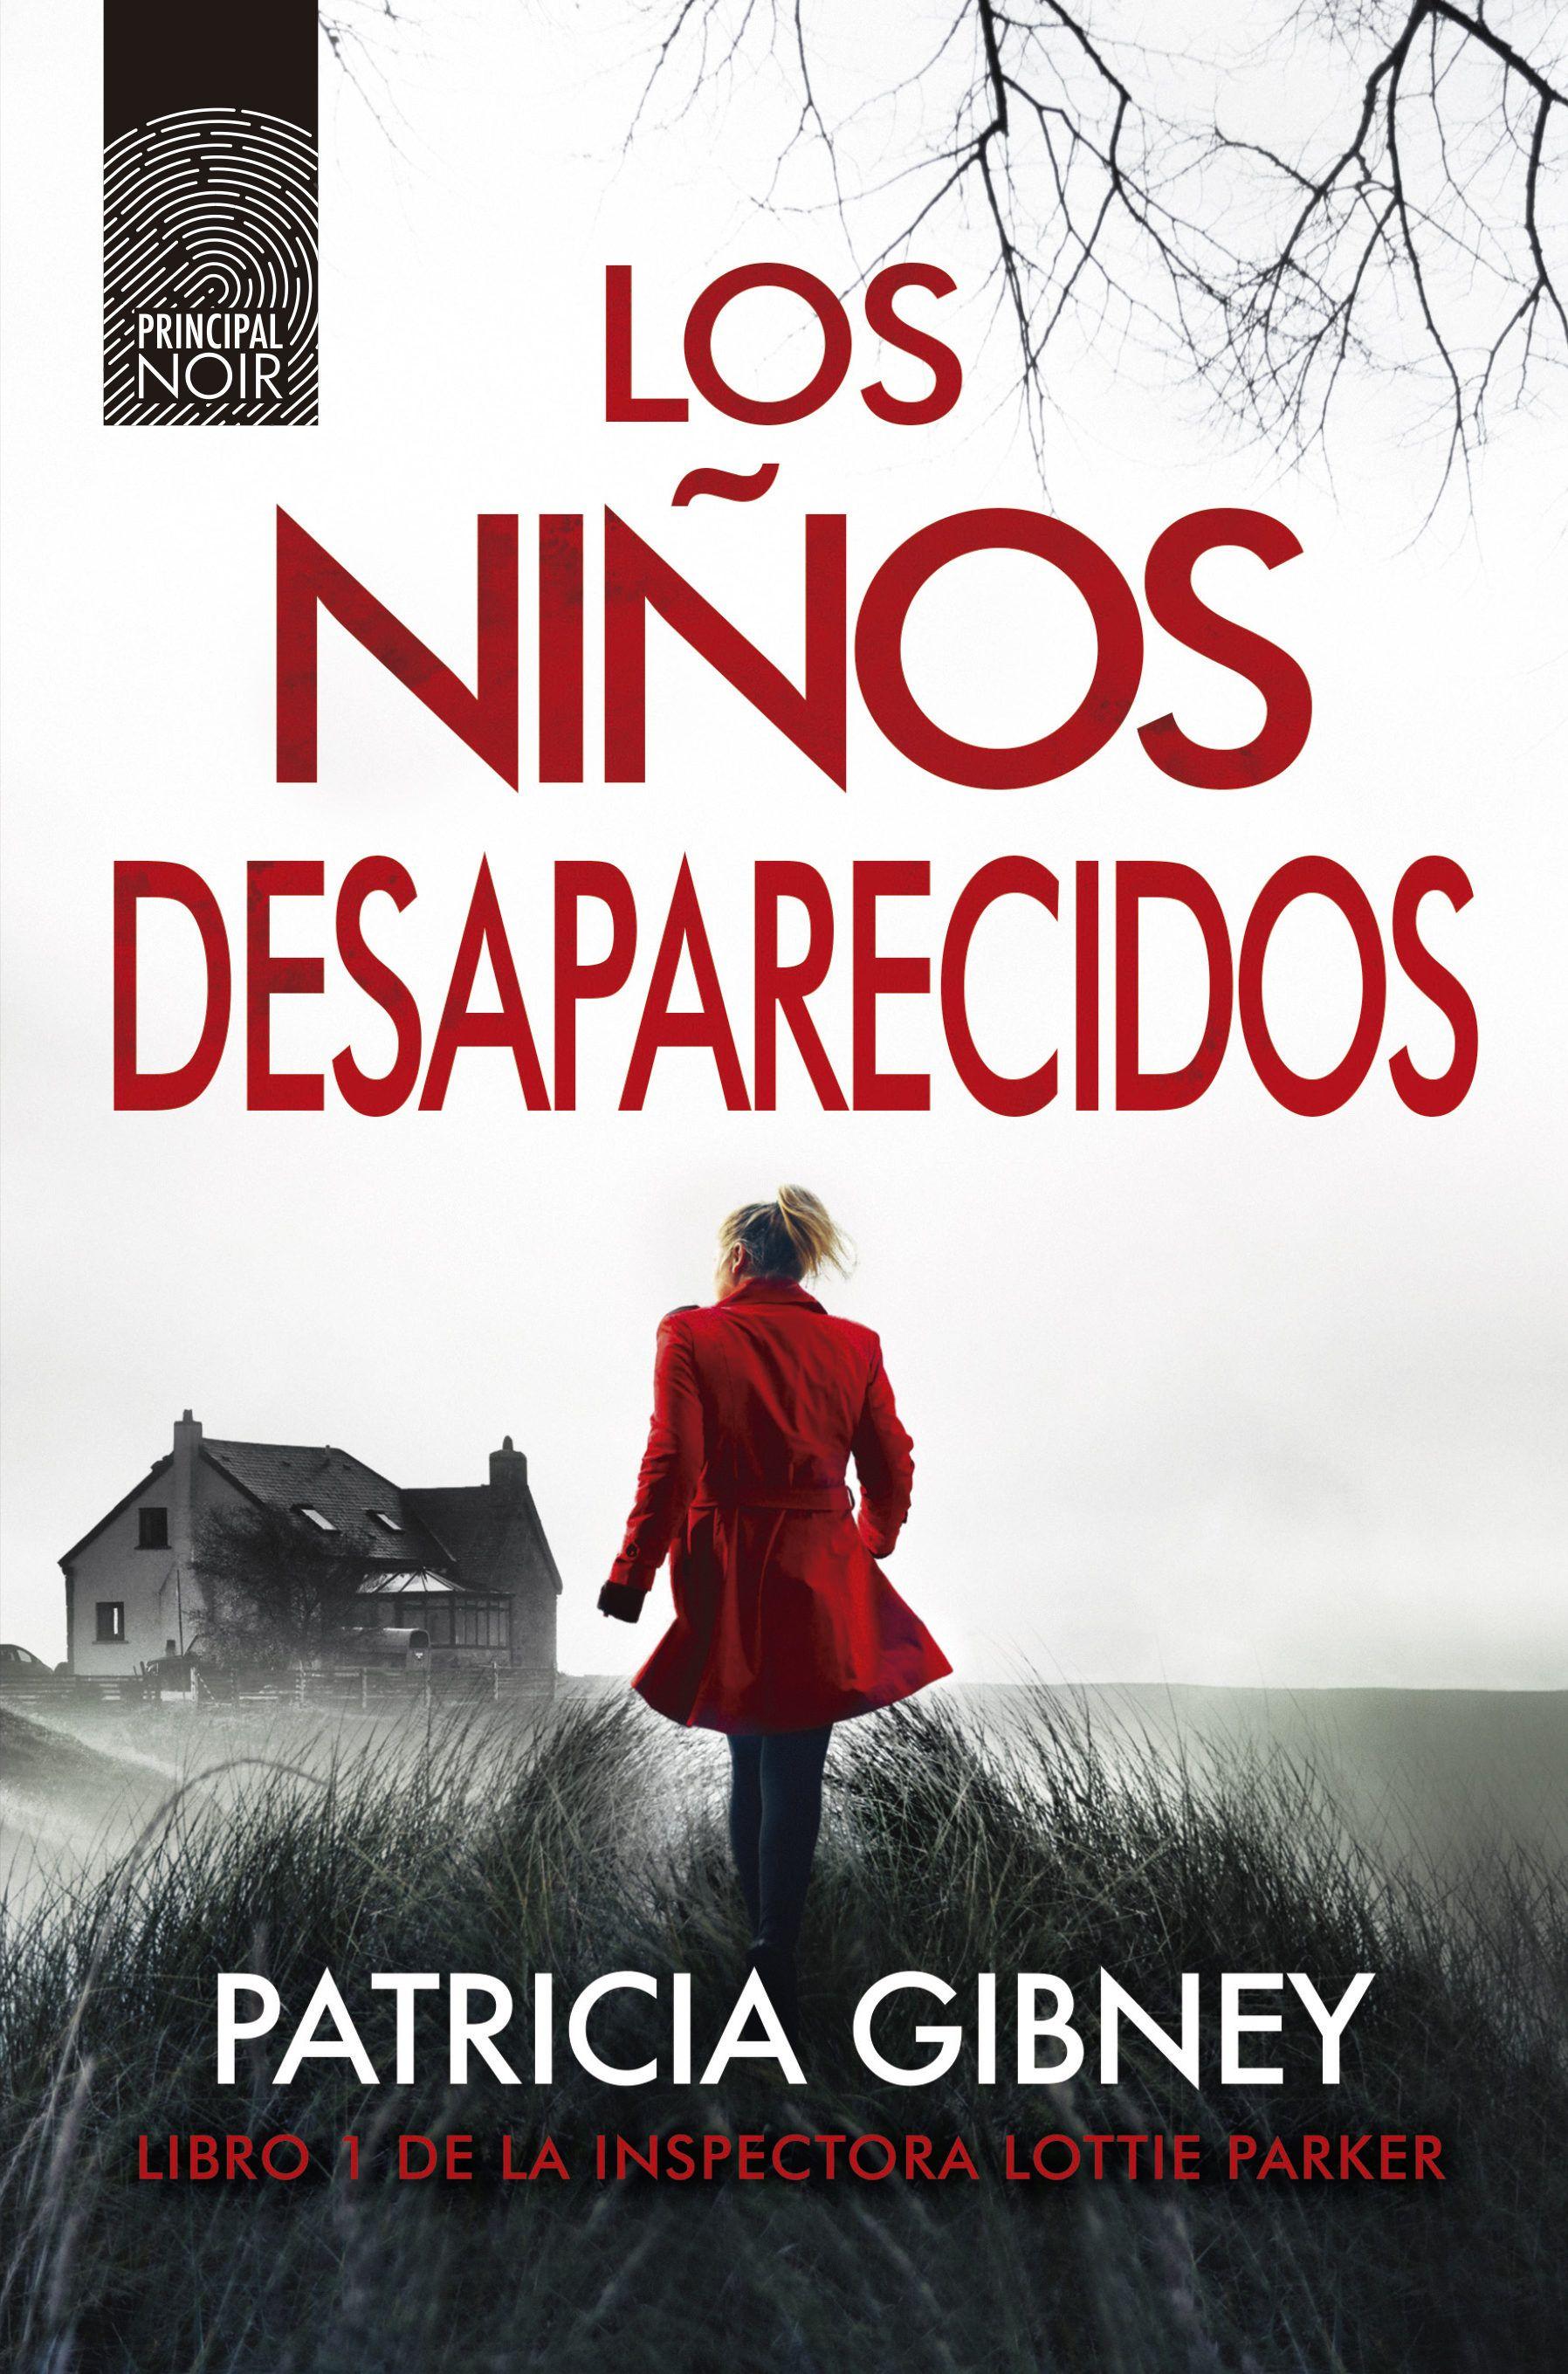 Los niños desaparecidos   LIBROS   Libros suspenso, Libros de suspenso,  Libros de terror